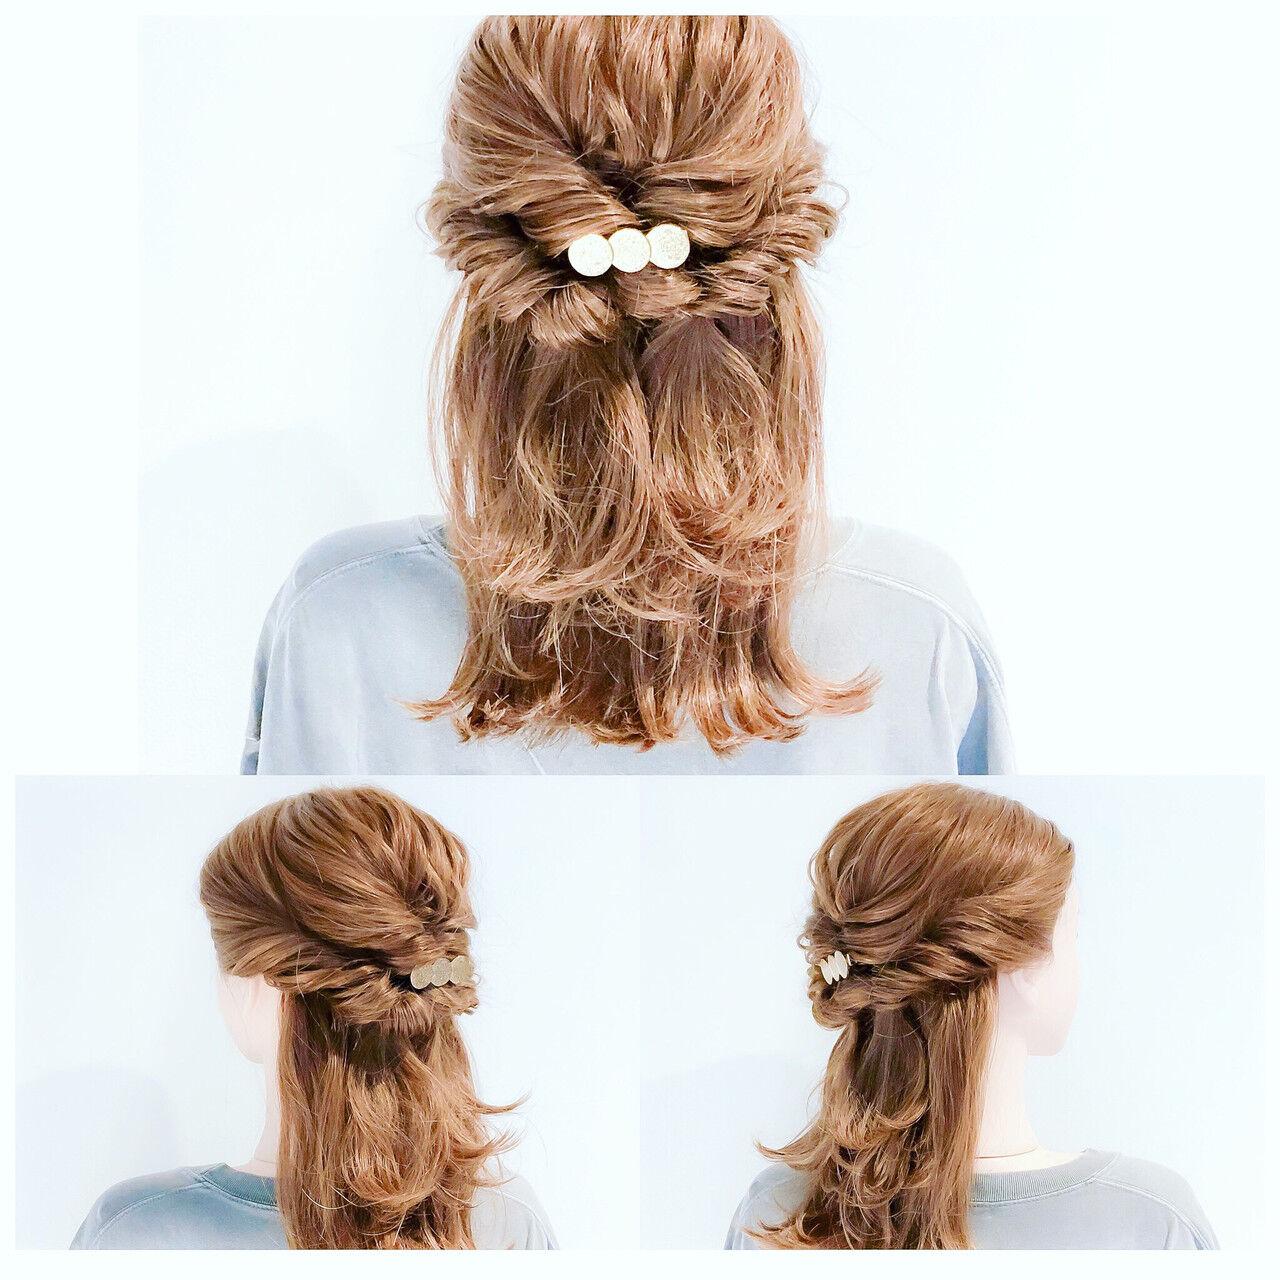 くるりんぱ セルフアレンジ ハーフアップ ヘアアレンジヘアスタイルや髪型の写真・画像